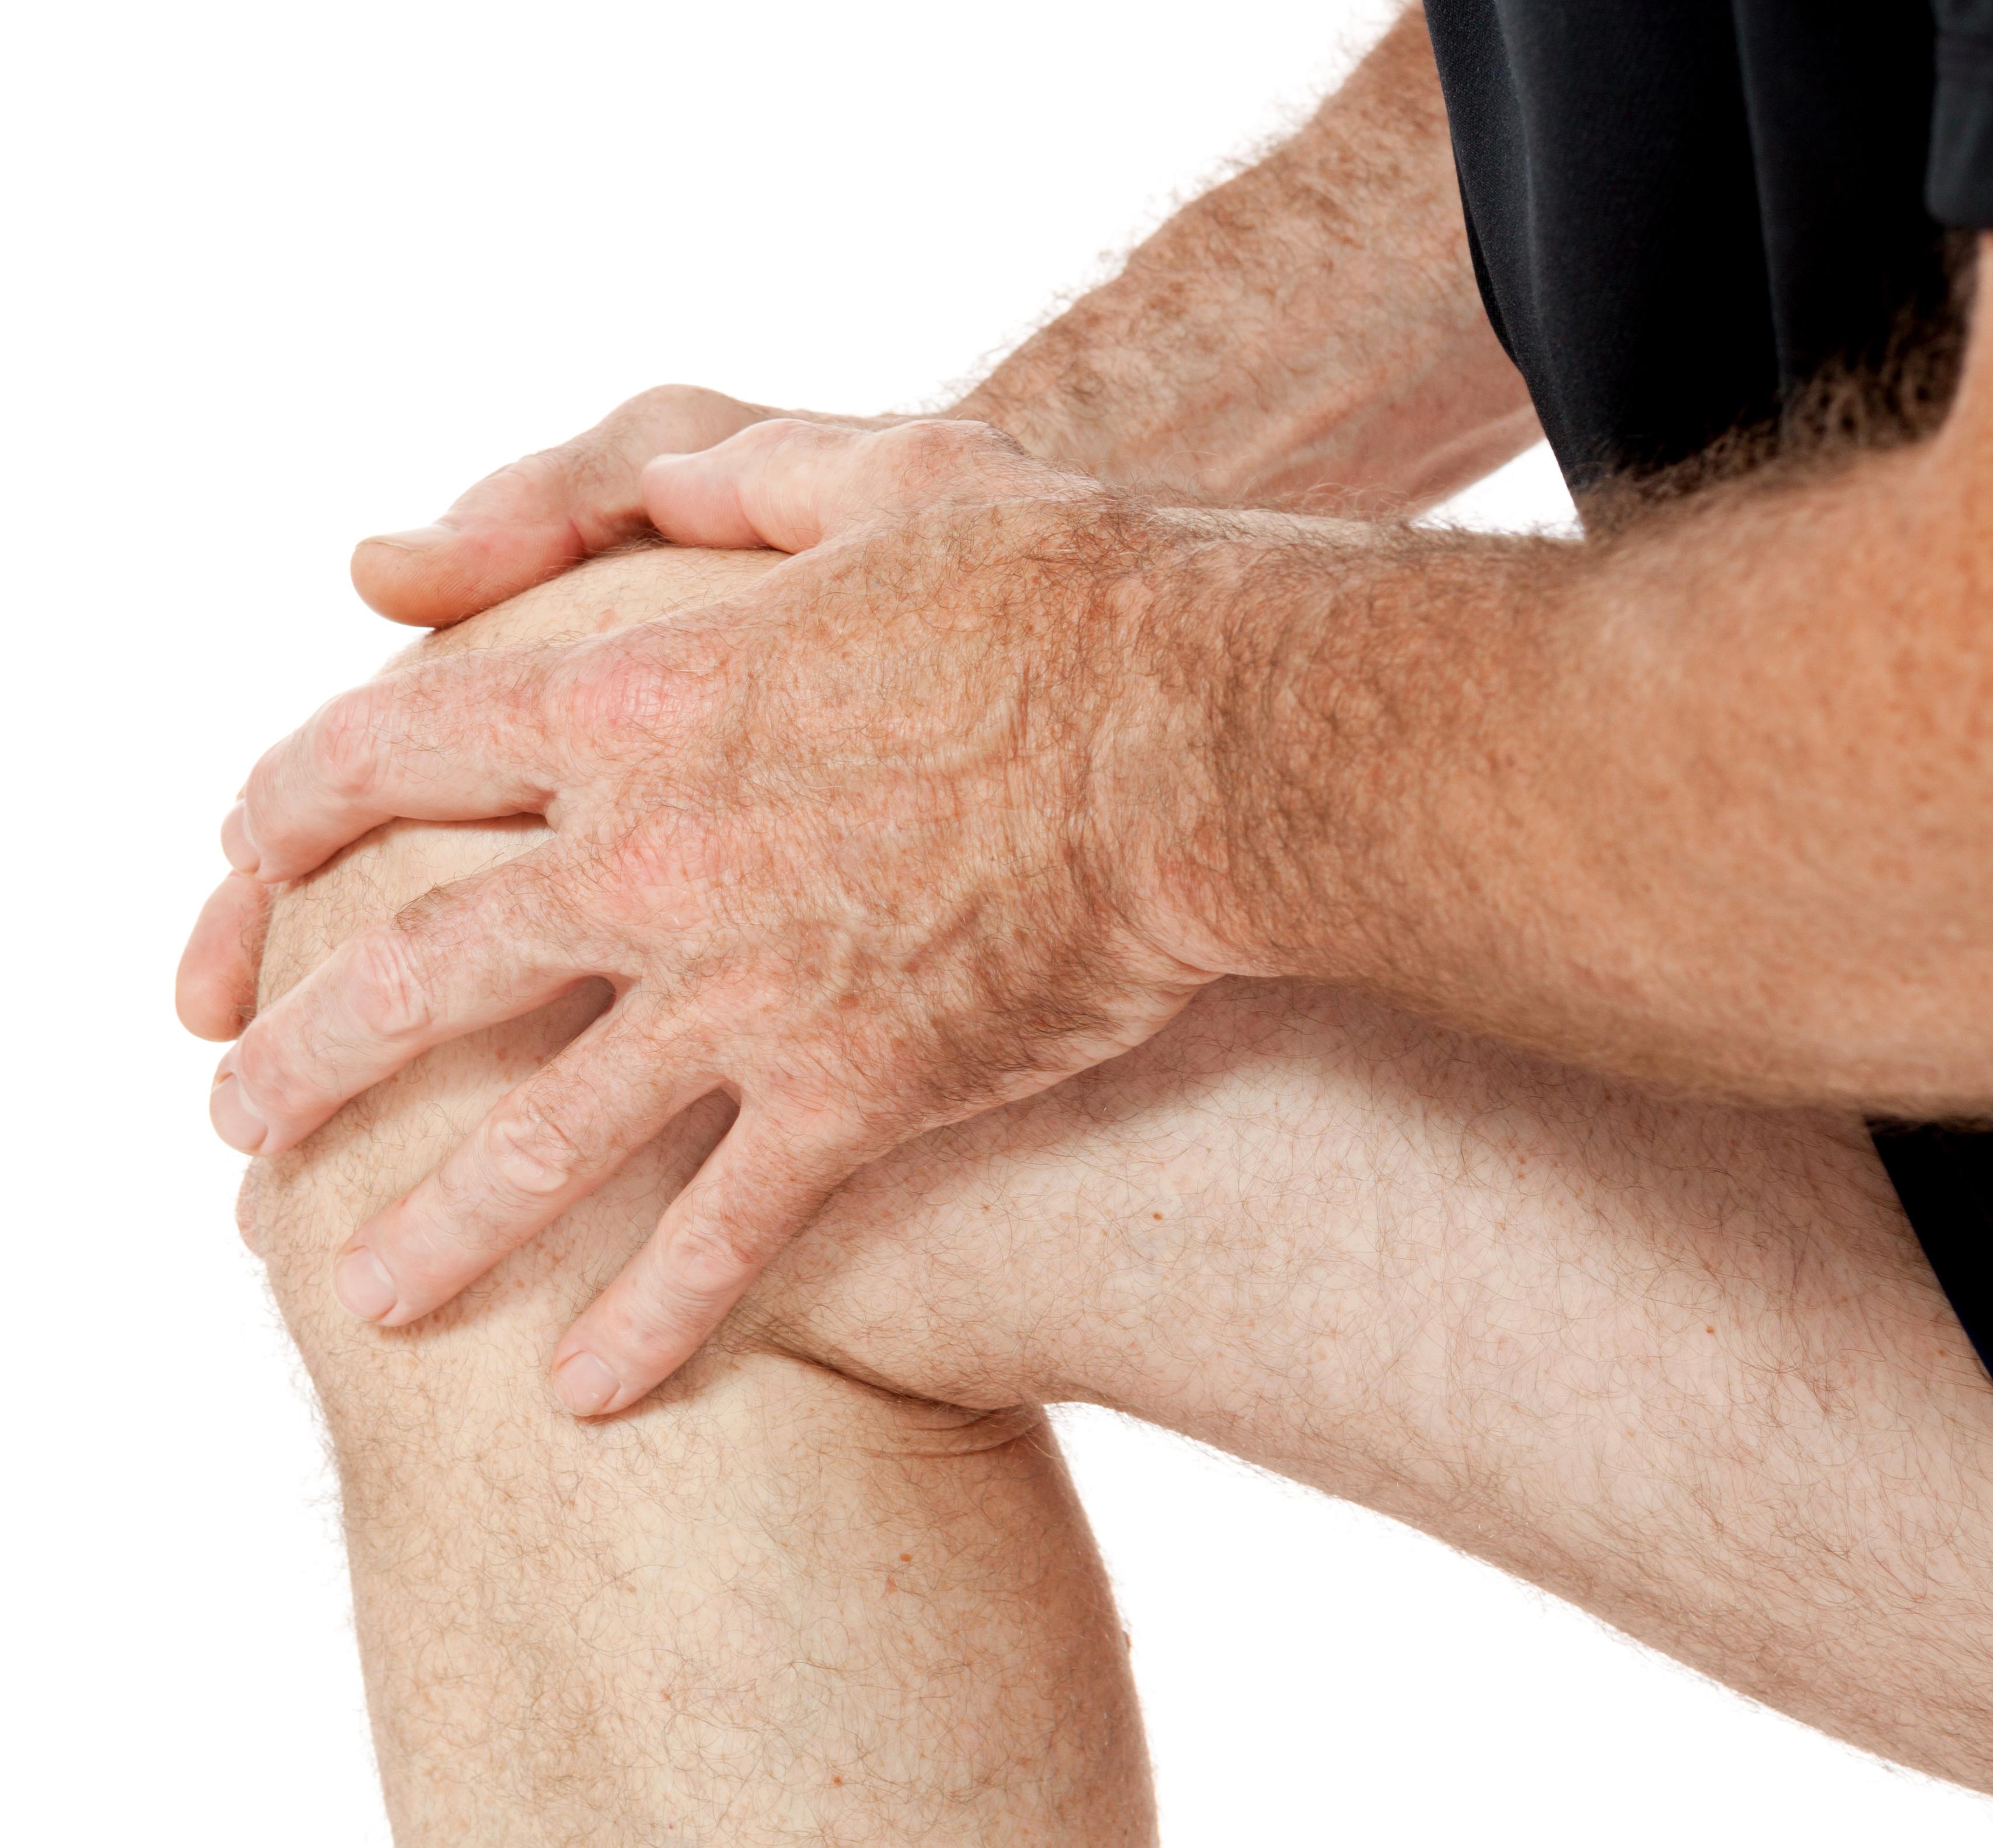 enyhíti a vállízületek fájdalmát a könyökízület puffadtsága